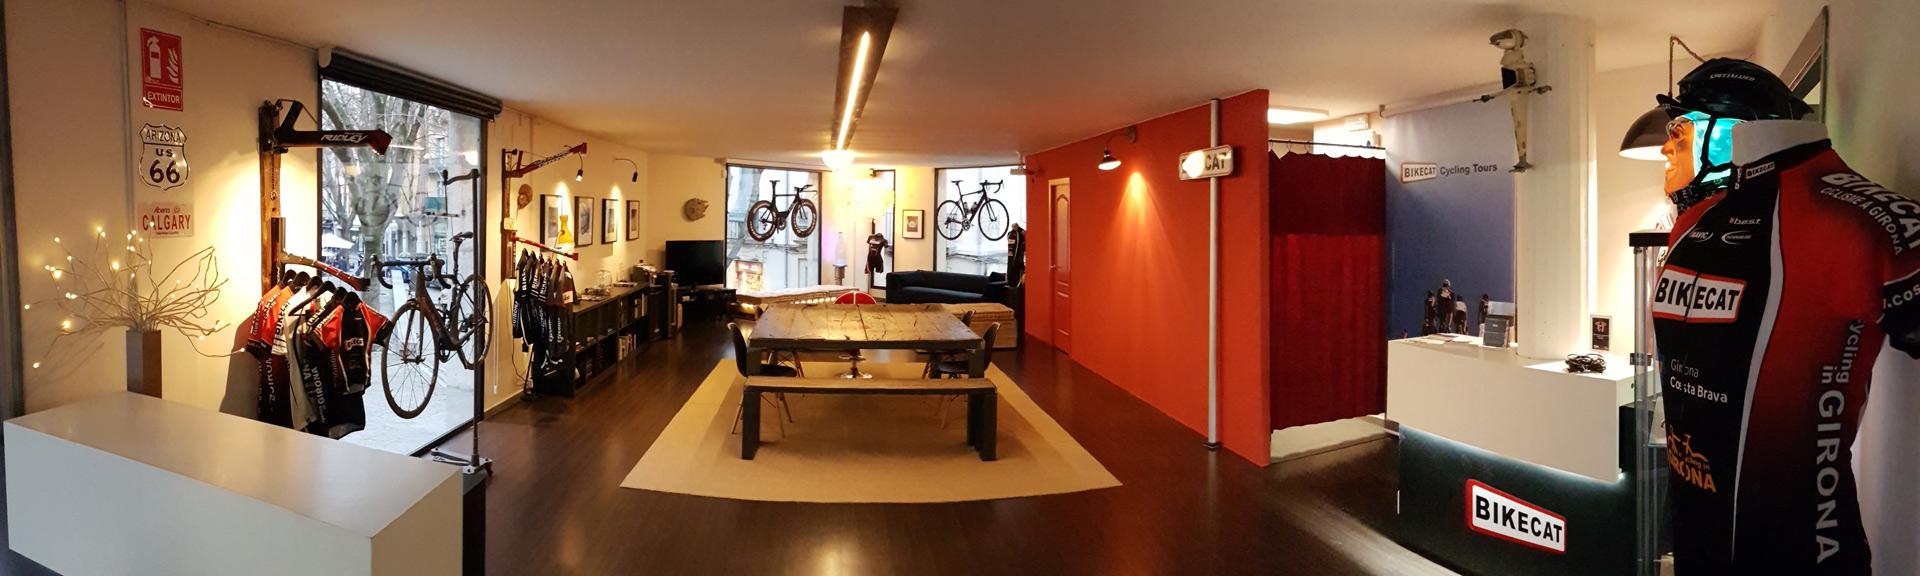 Bikecat Cycling Tours Headquarters in Girona